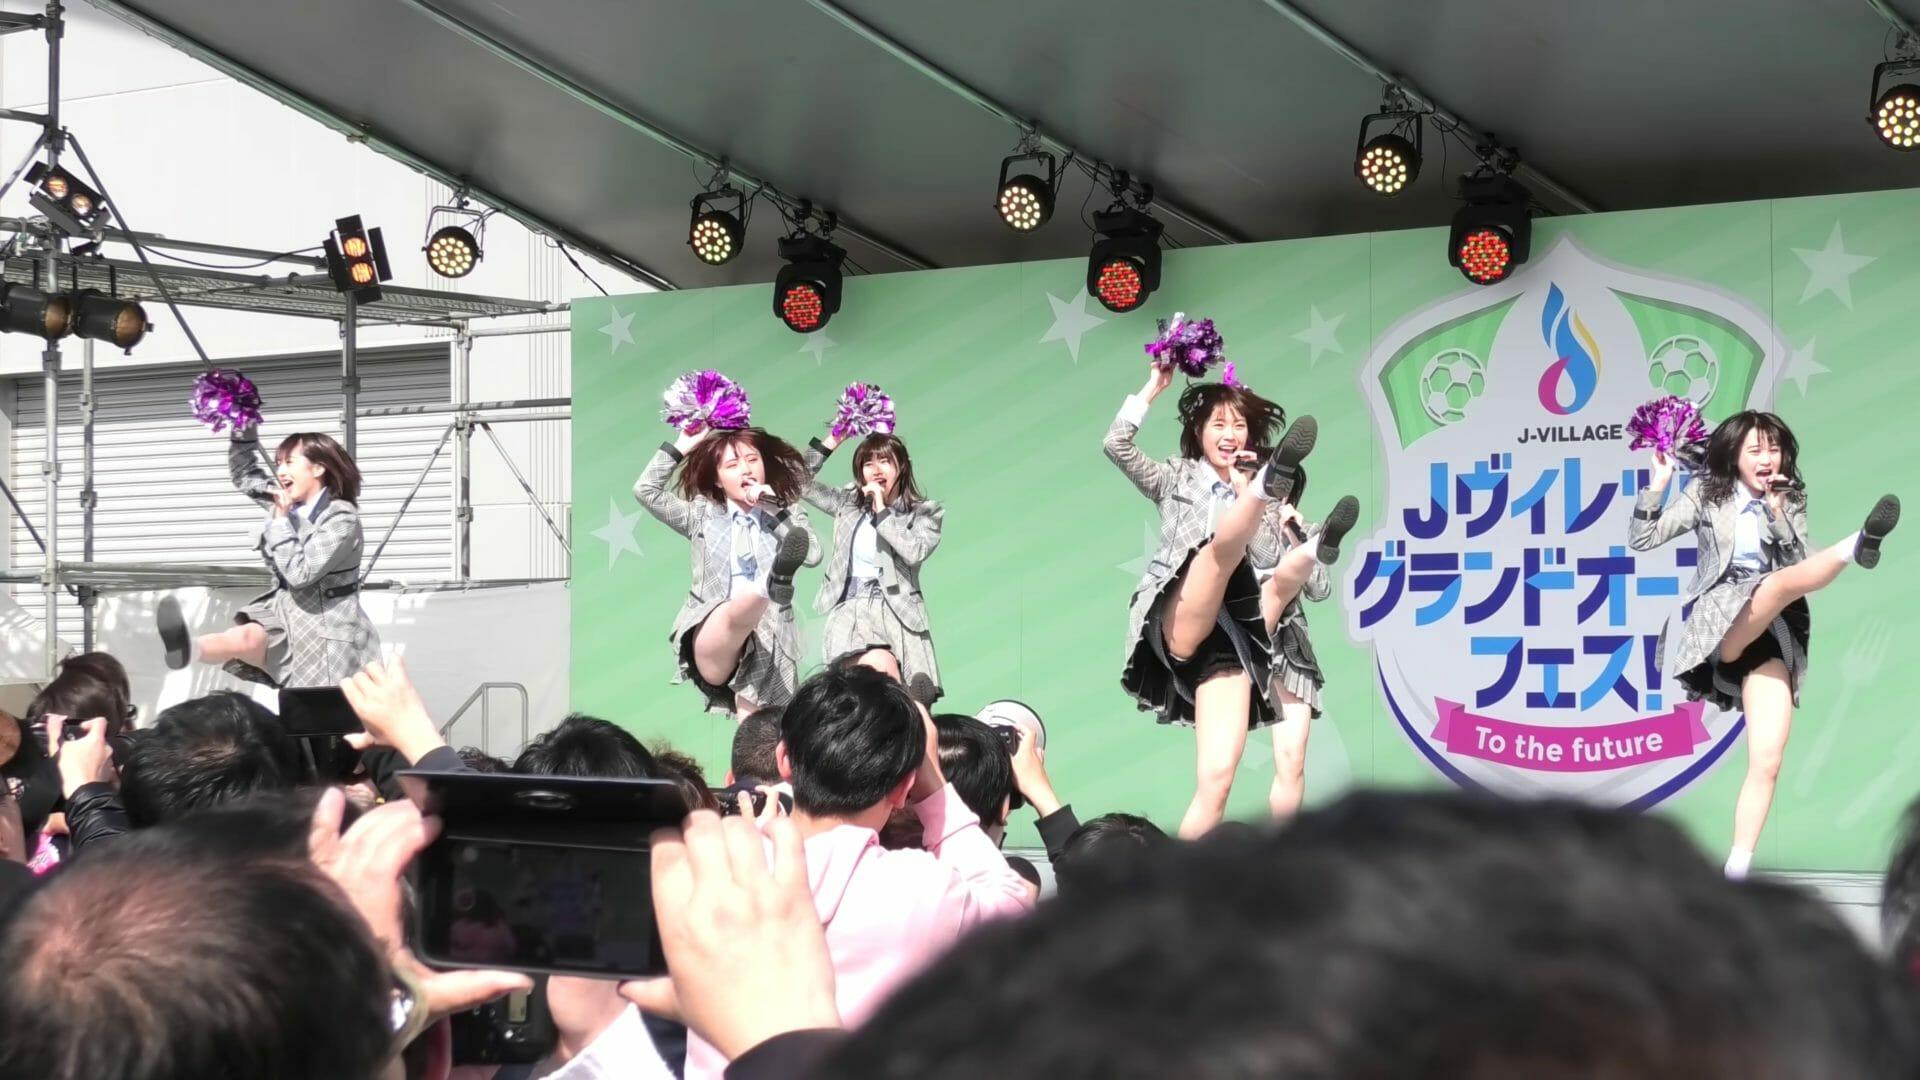 【4K】AKB48 Team8 蜂の巣ダンス ジワるDAYS 掌が語ること 夢へのルート 47の素敵な街へ 他全8曲収録 Jヴィレッジグランドオープンフェス!〜To the future〜 15:47